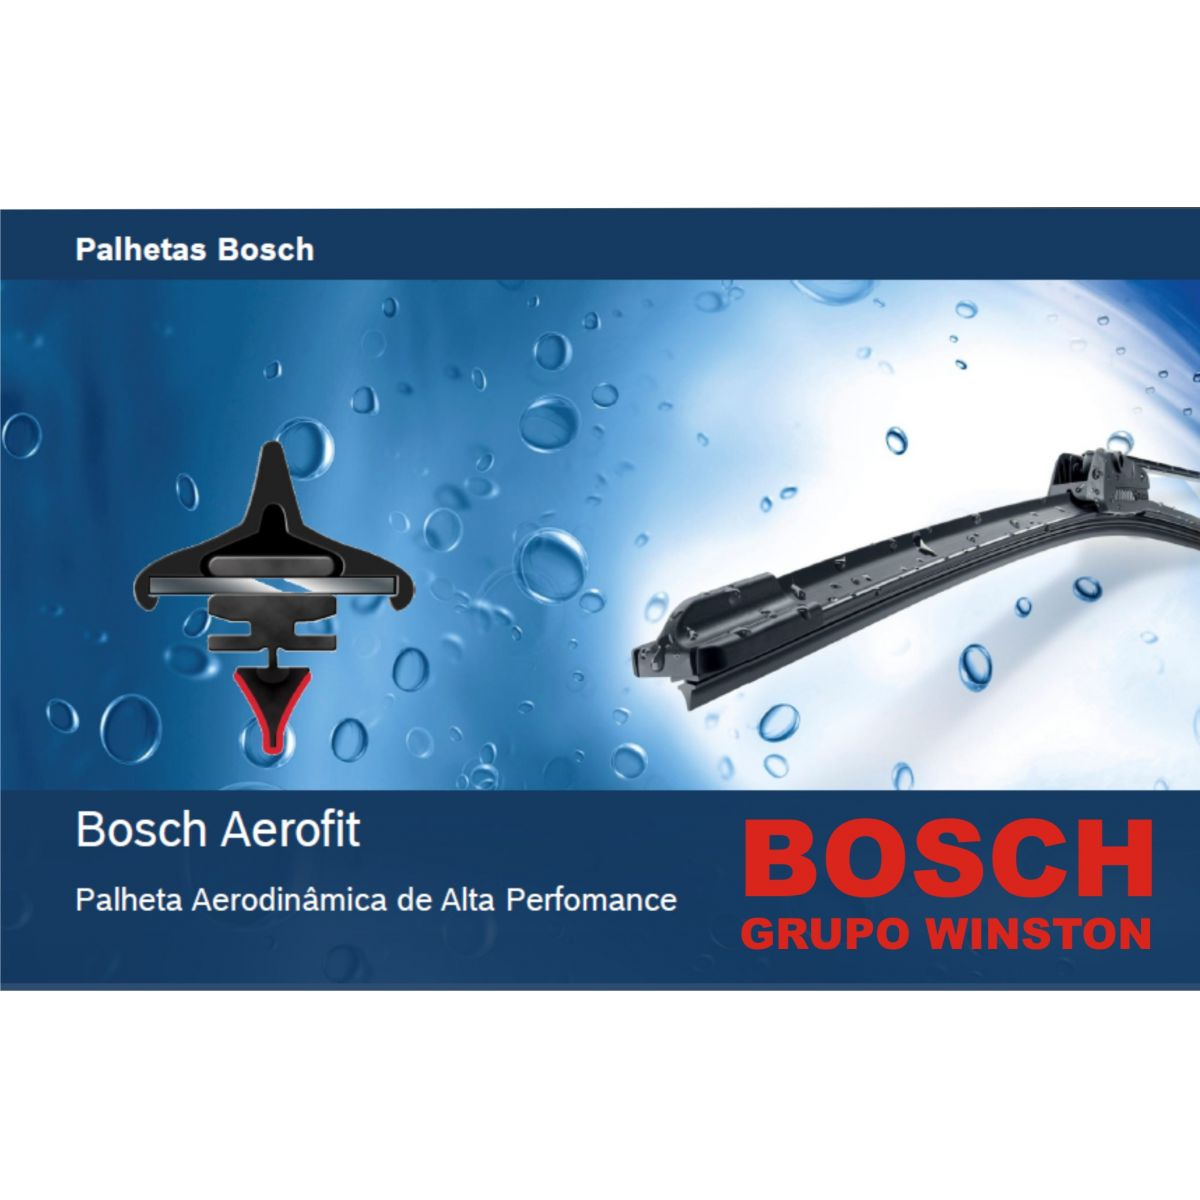 Palheta Bosch Aerofit Limpador de para brisa Bosch SUBARU Legacy SVX